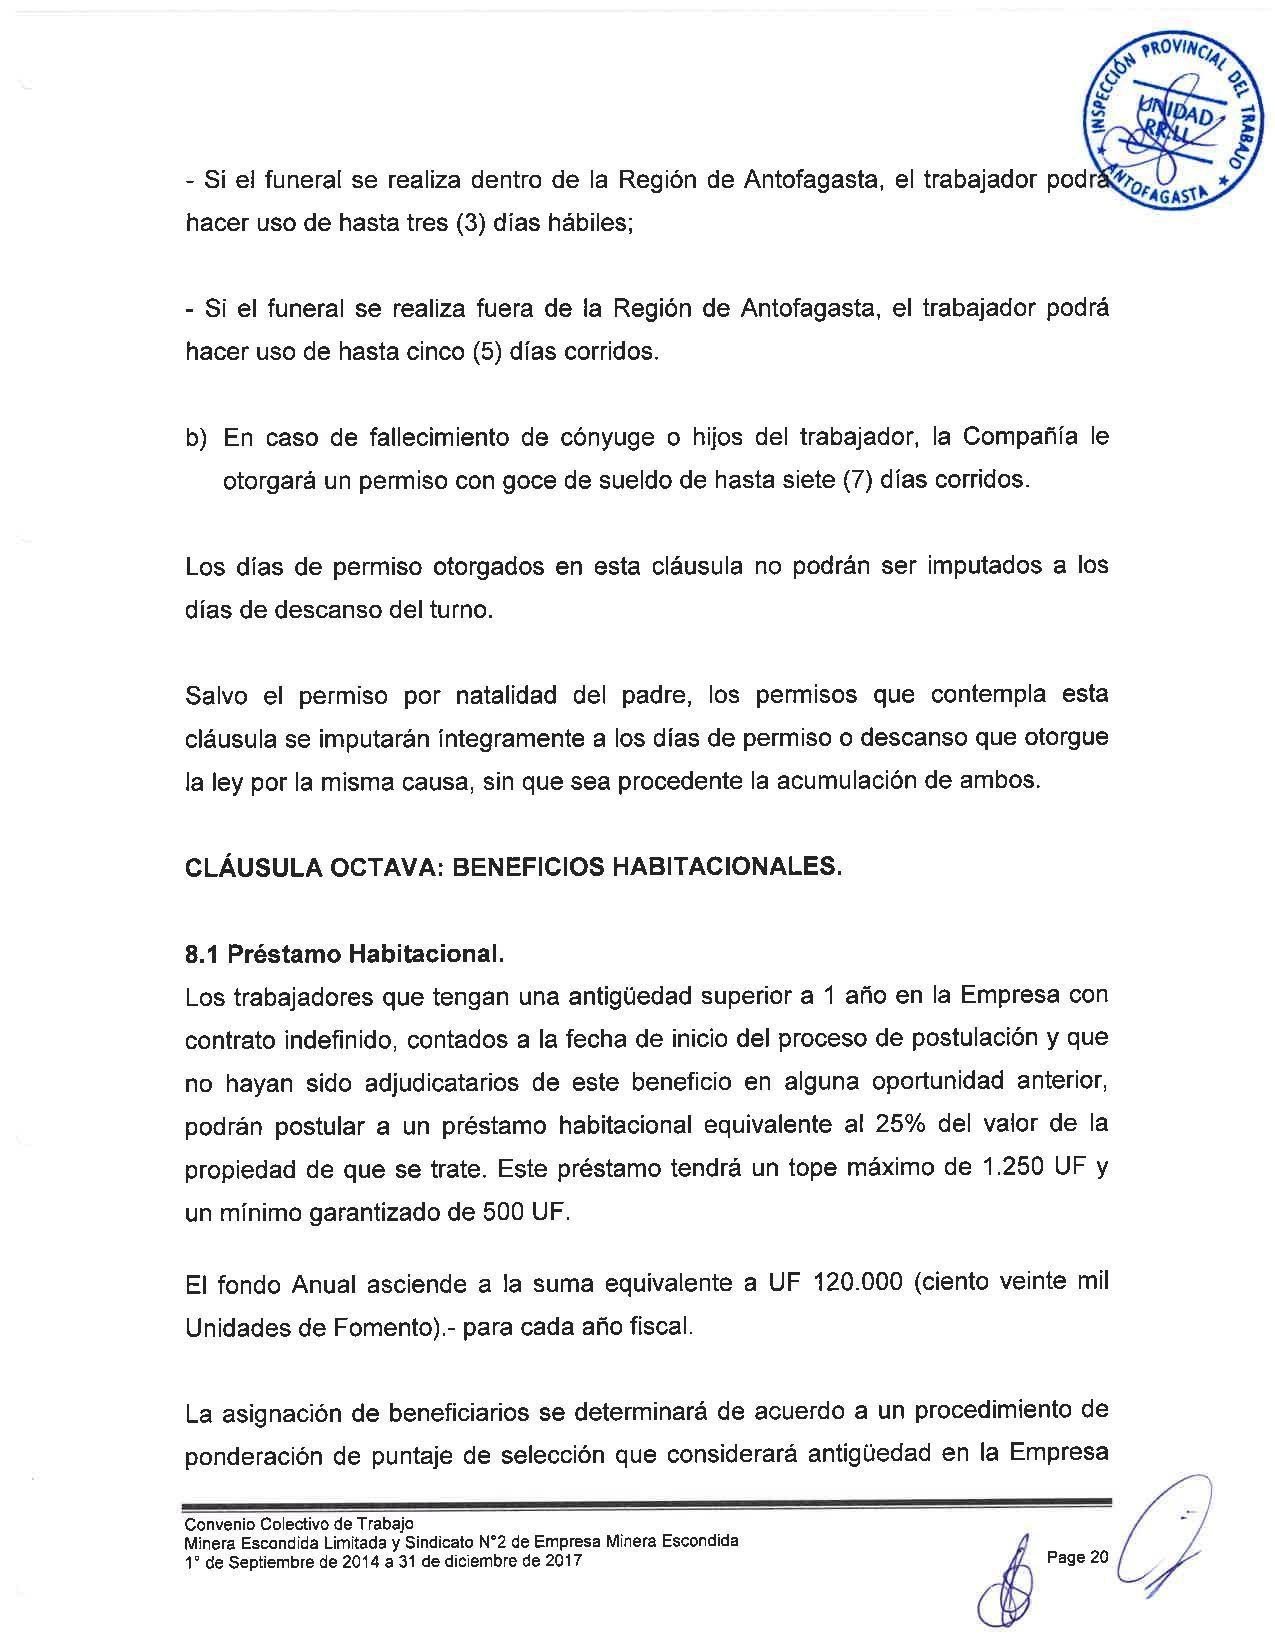 Página (20).jpg